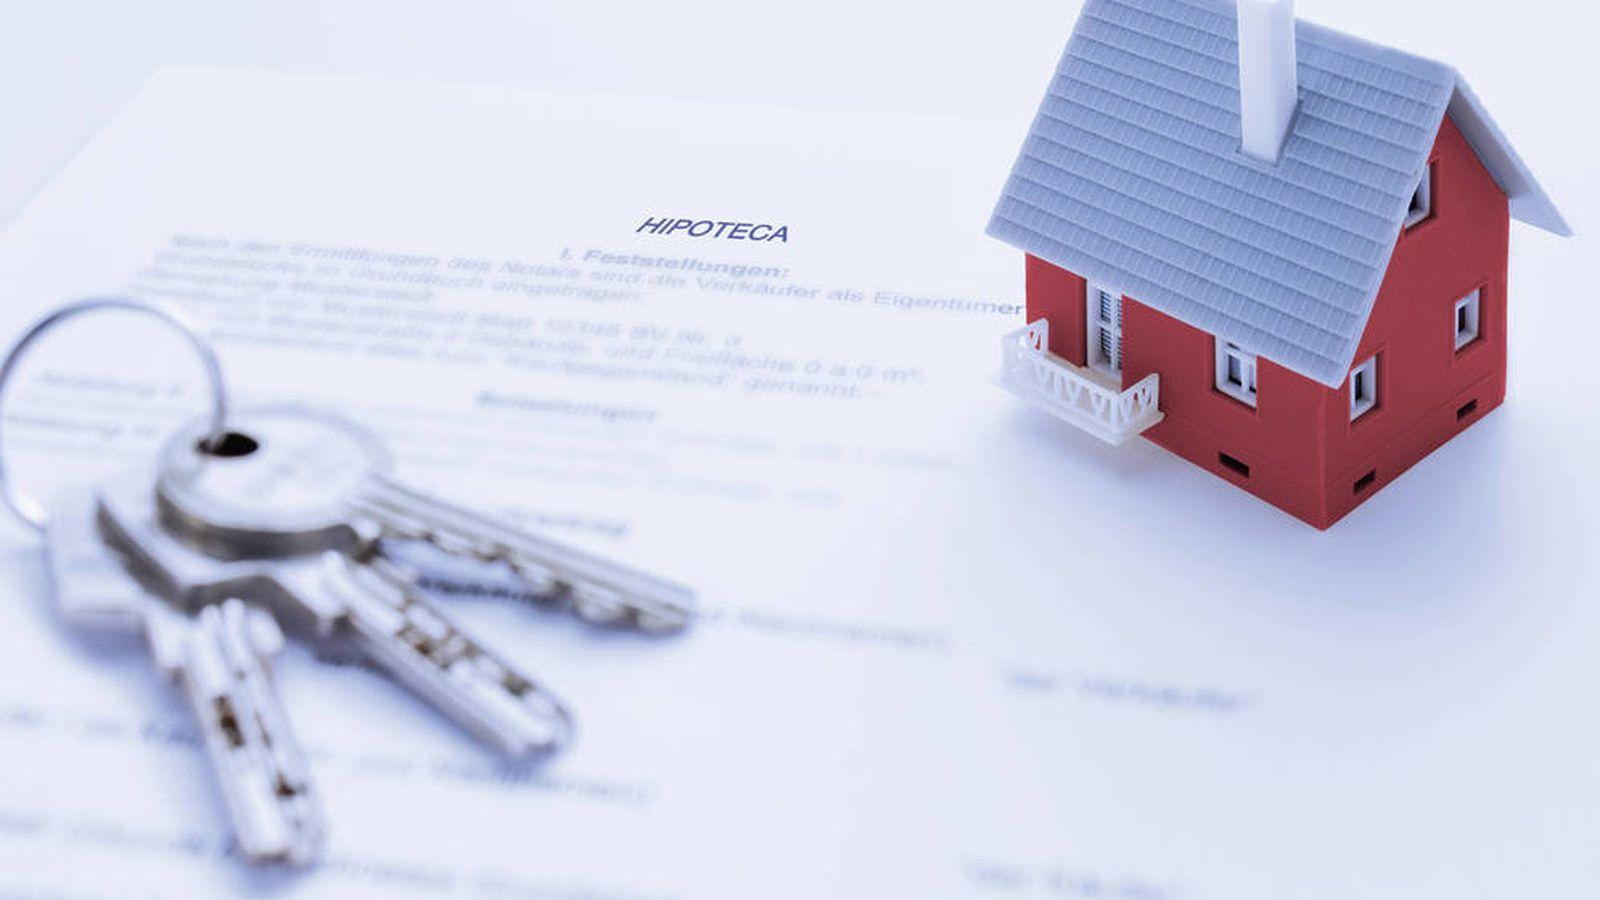 Consultorio inmobiliario he descubierto en mi hipoteca for Mi vivienda